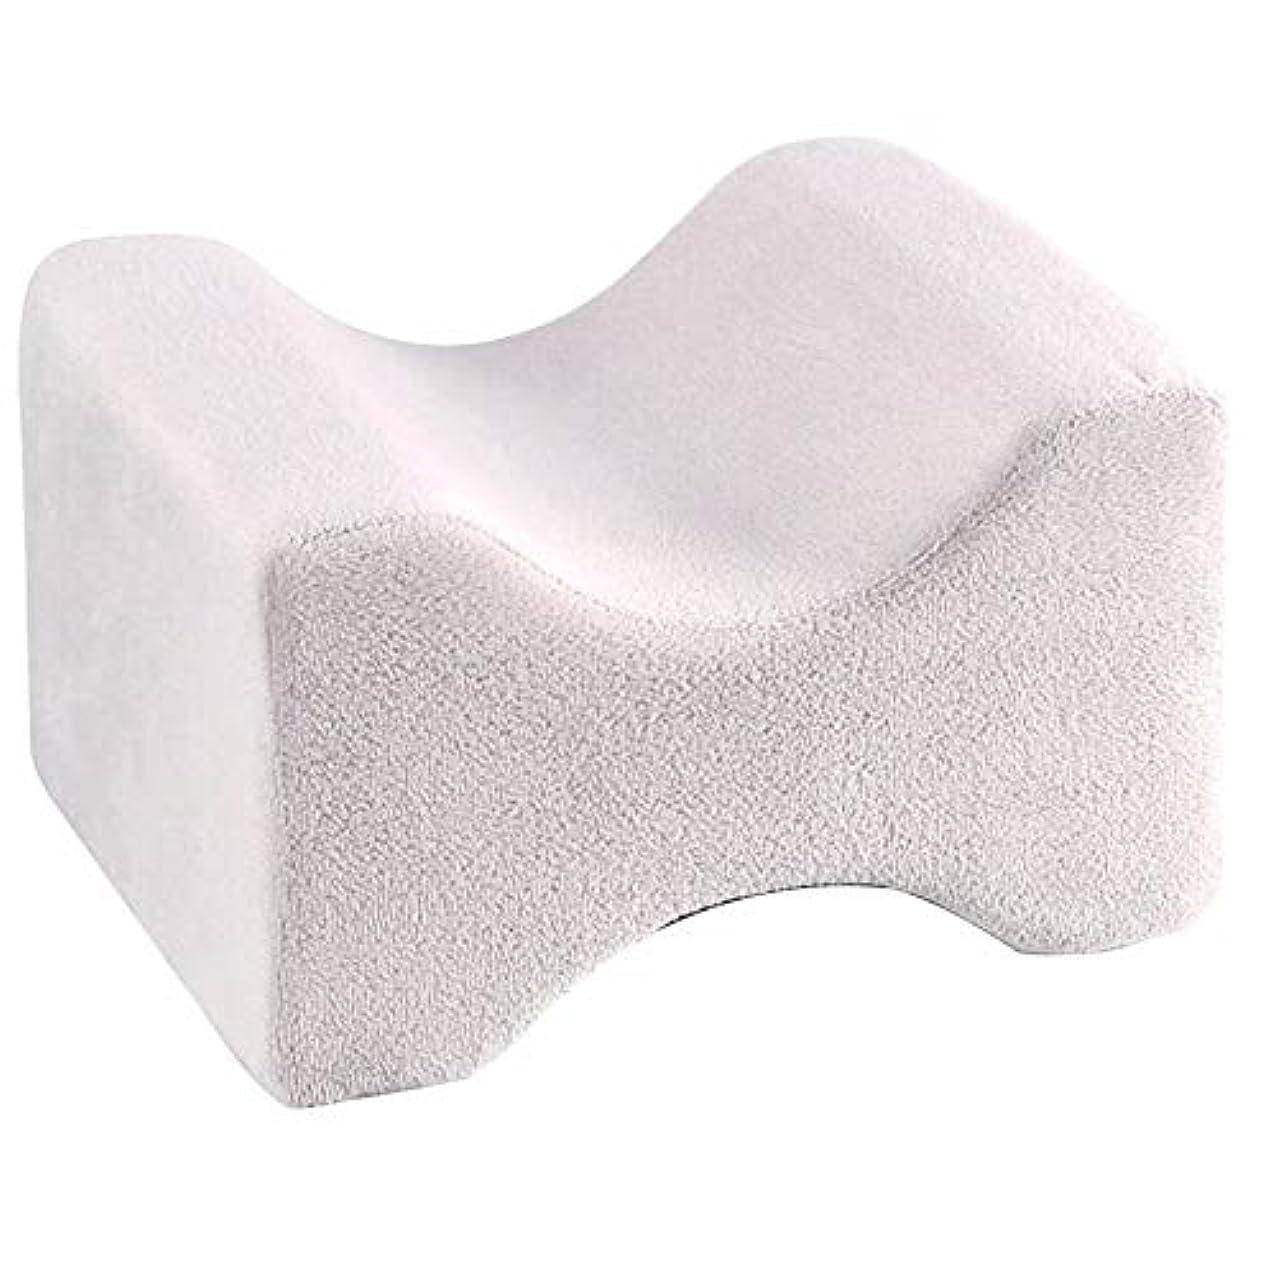 スクラップエレベーター豆ソフト枕膝枕クリップ足低反発ウェッジ遅いリバウンドメモリ綿クランプマッサージ枕用男性女性